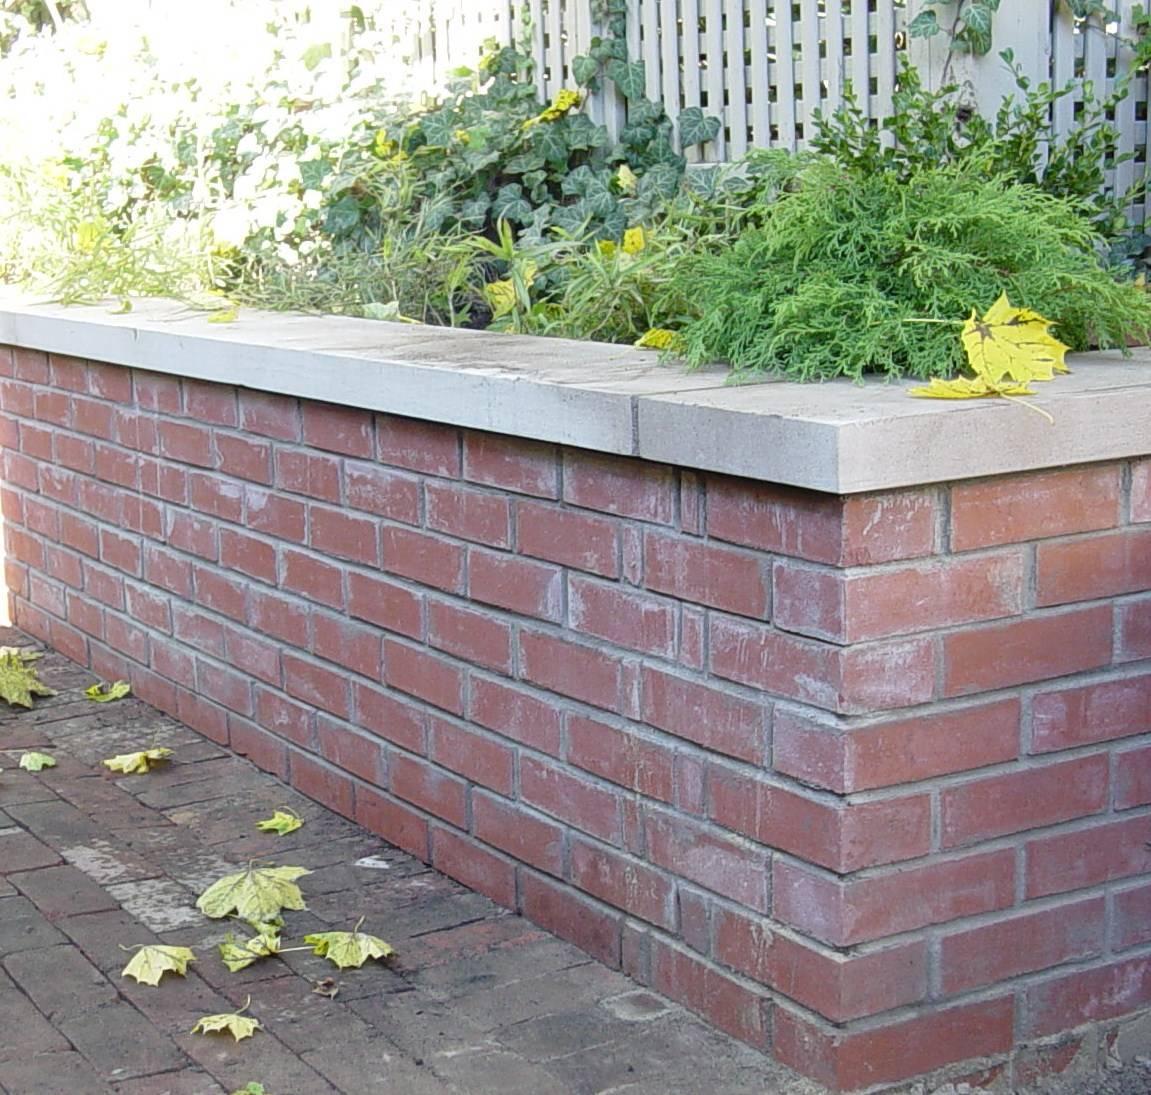 Brick Seating Wall